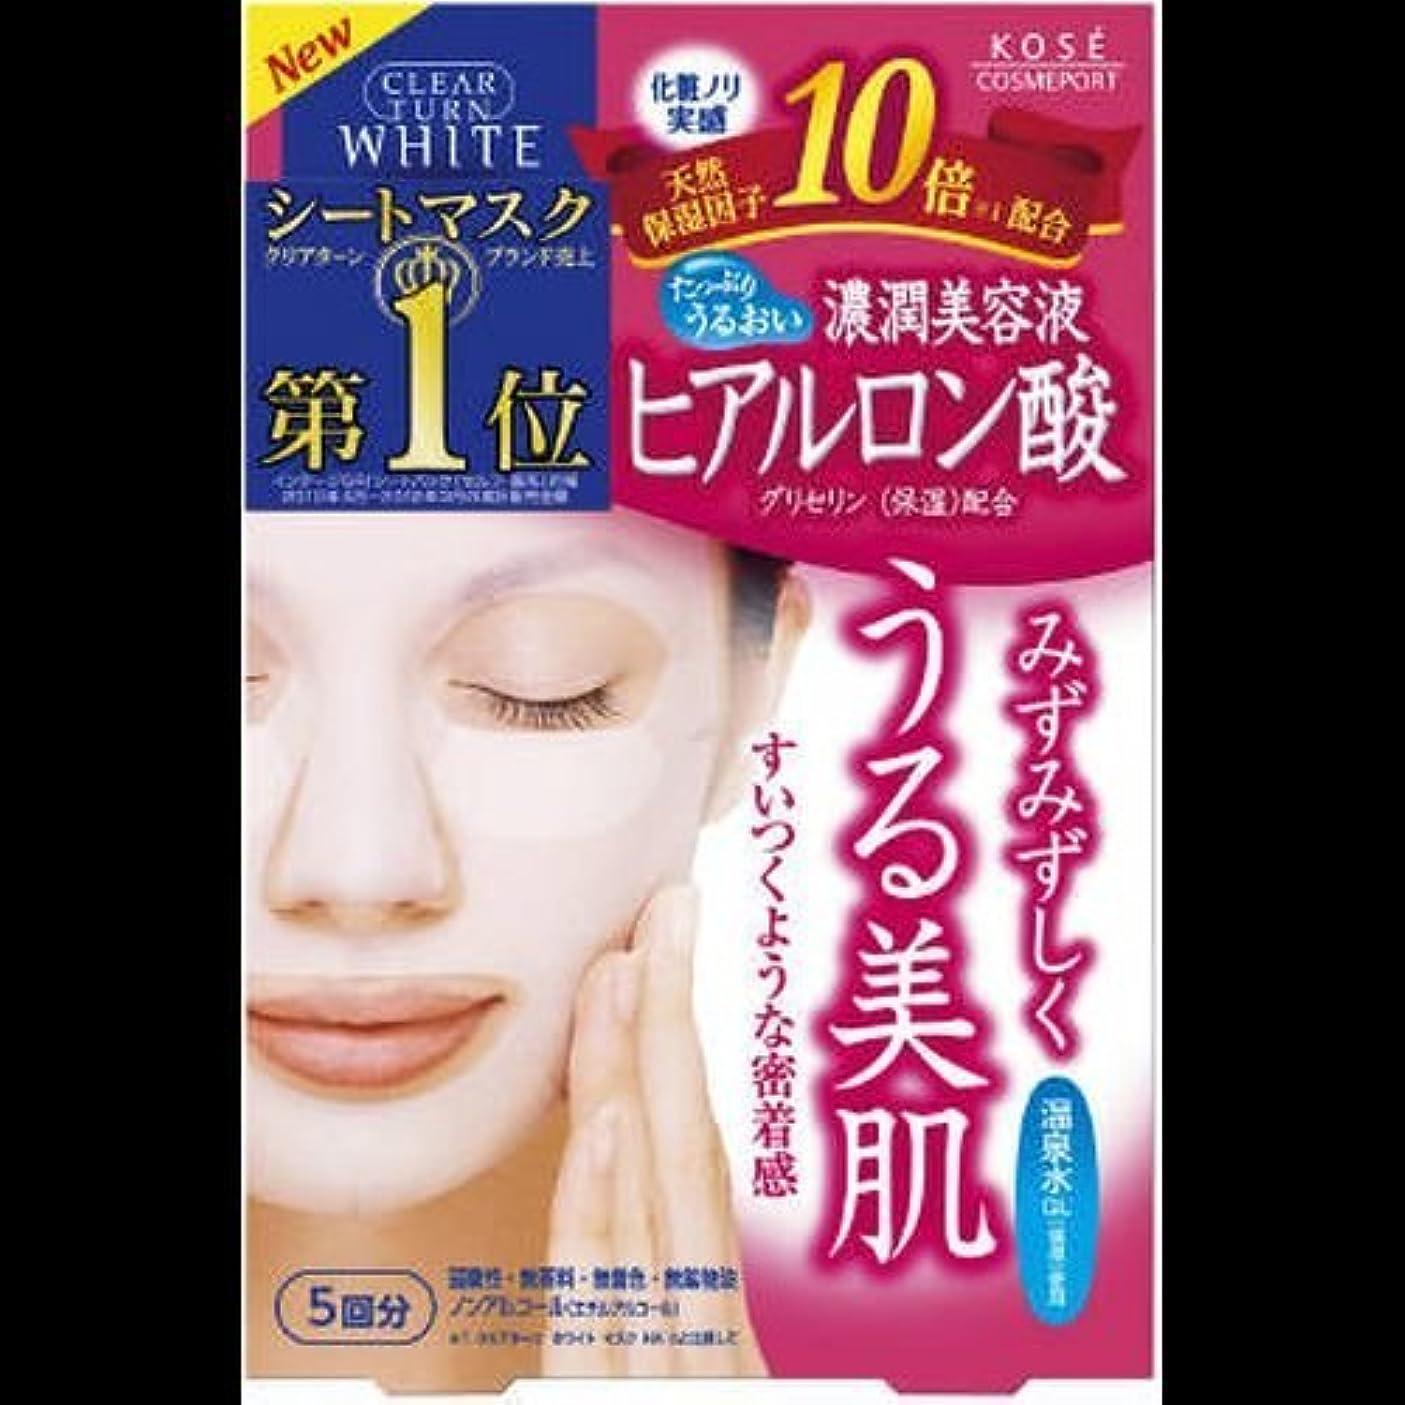 シンカン執着ものクリアターン ホワイトマスク ヒアルロン酸 5回分 ×2セット